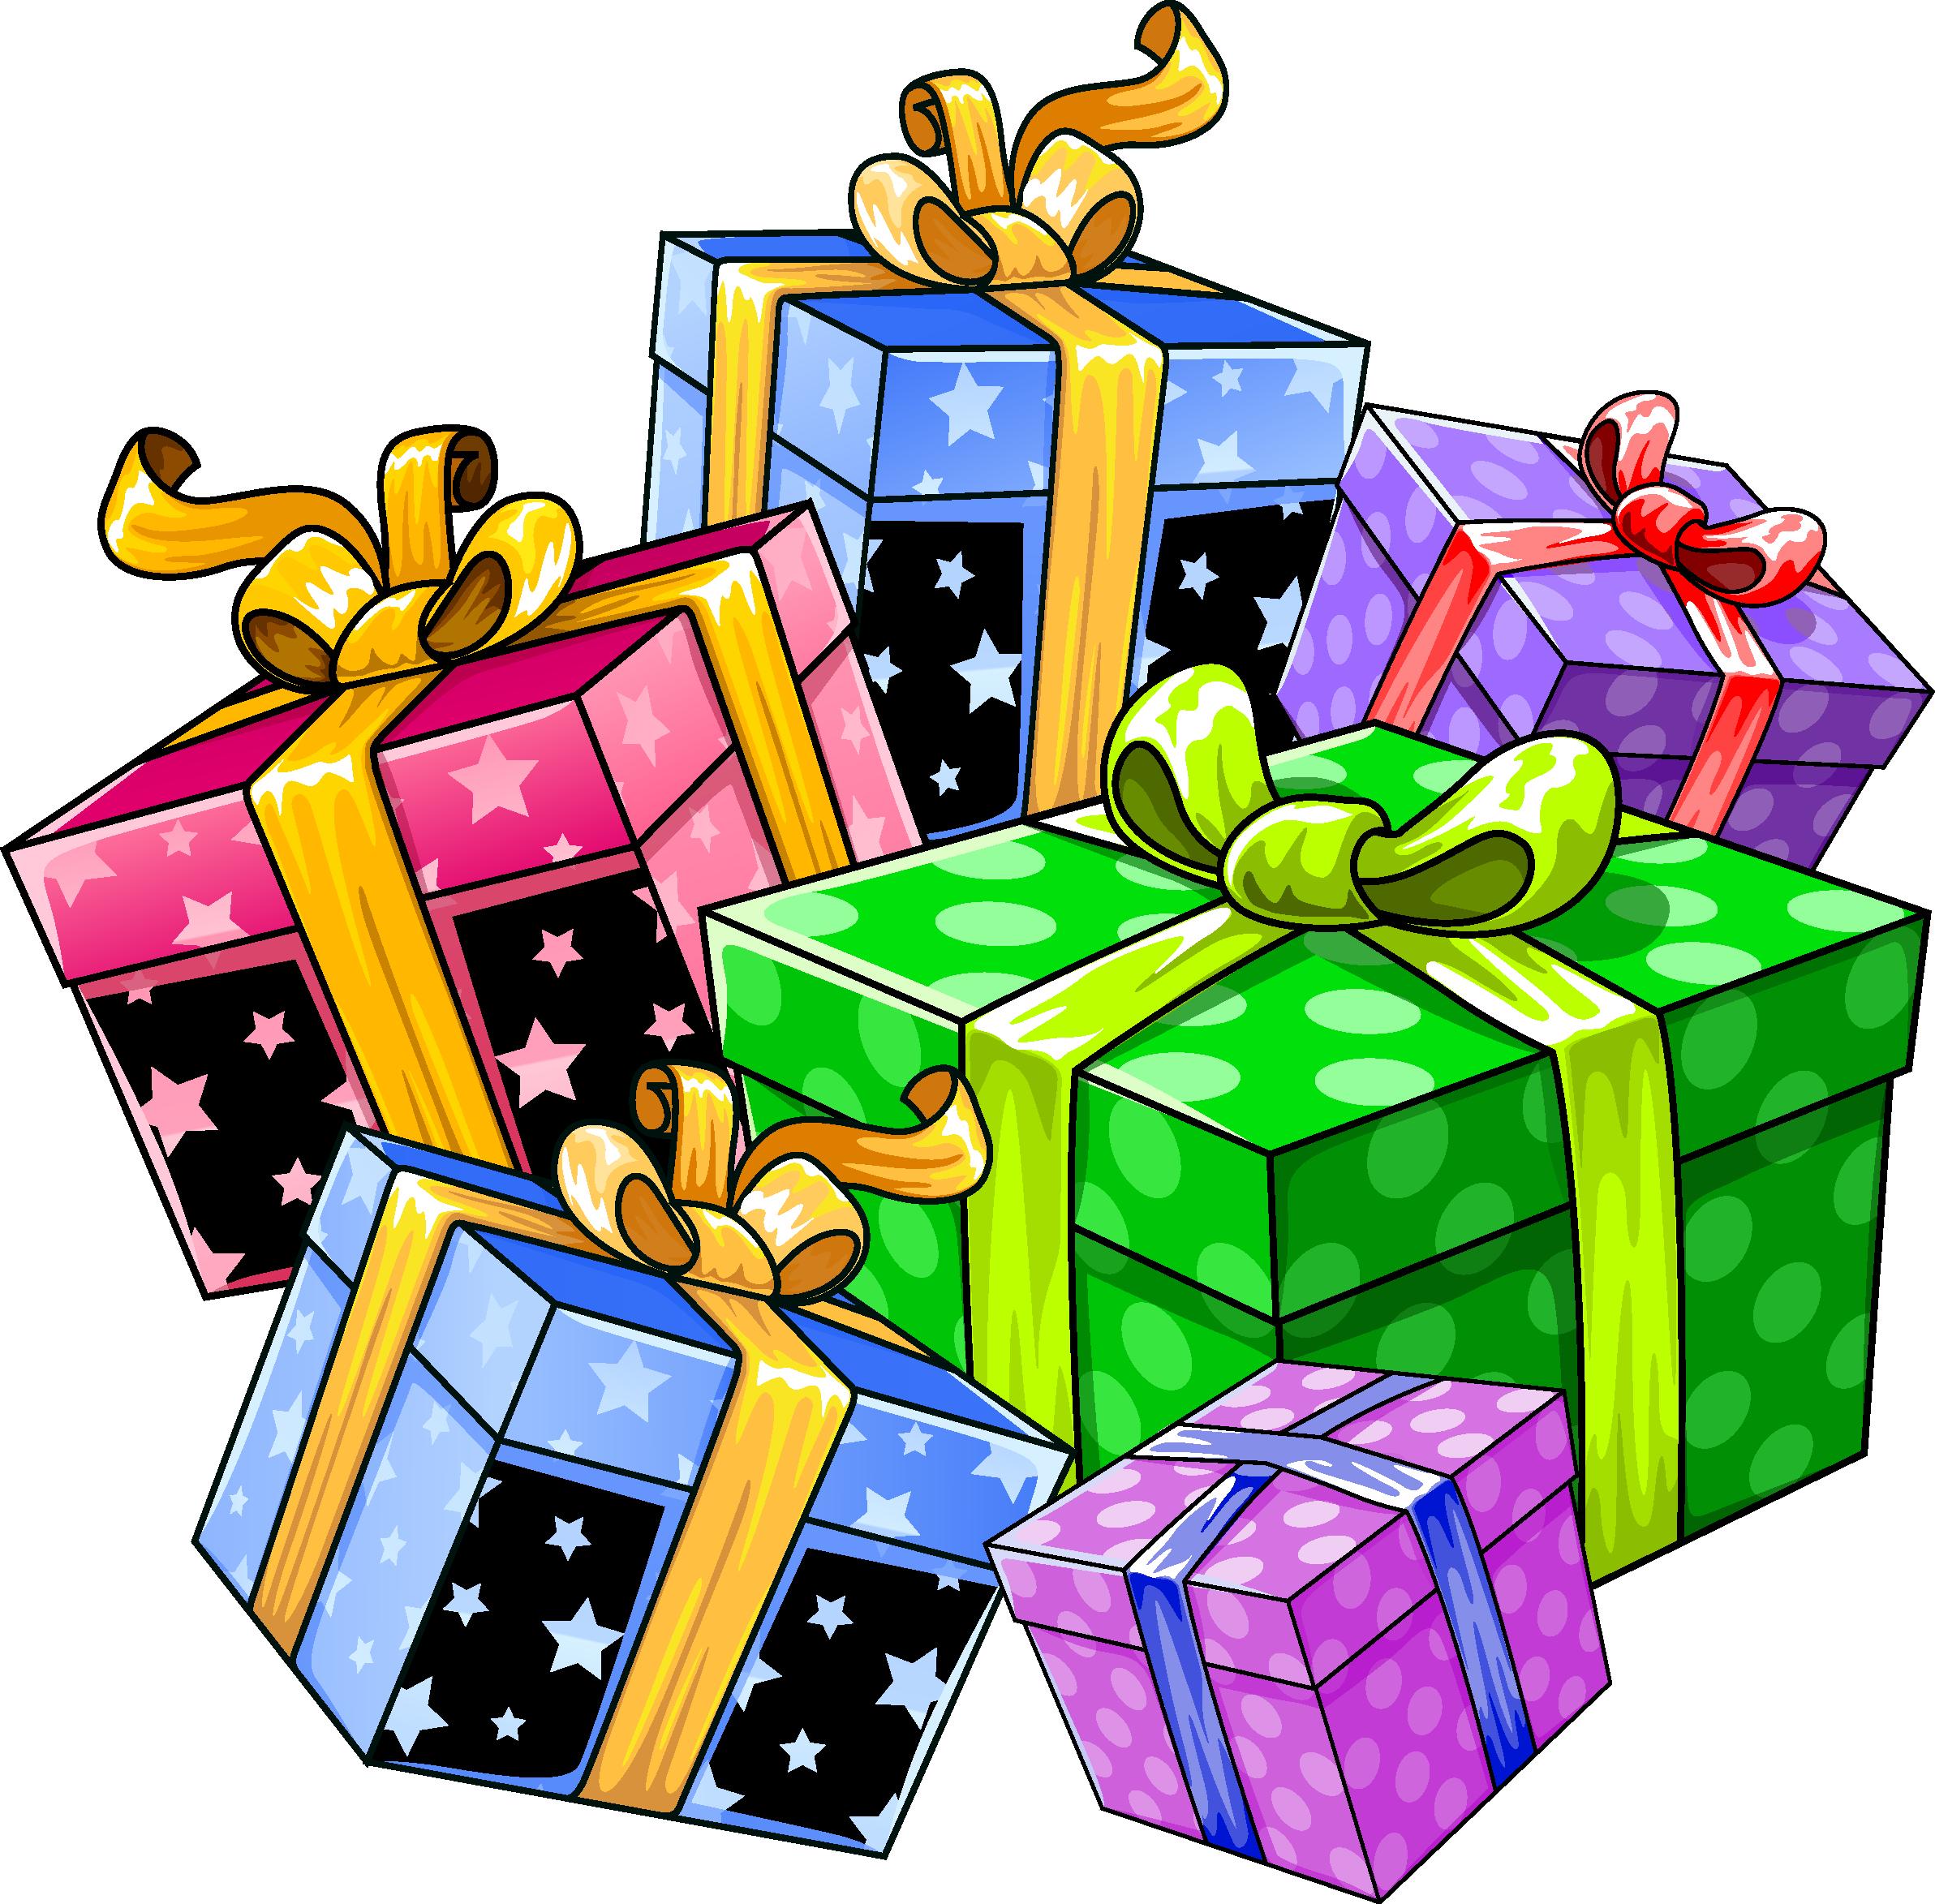 изображение подарка в картинках том, что после